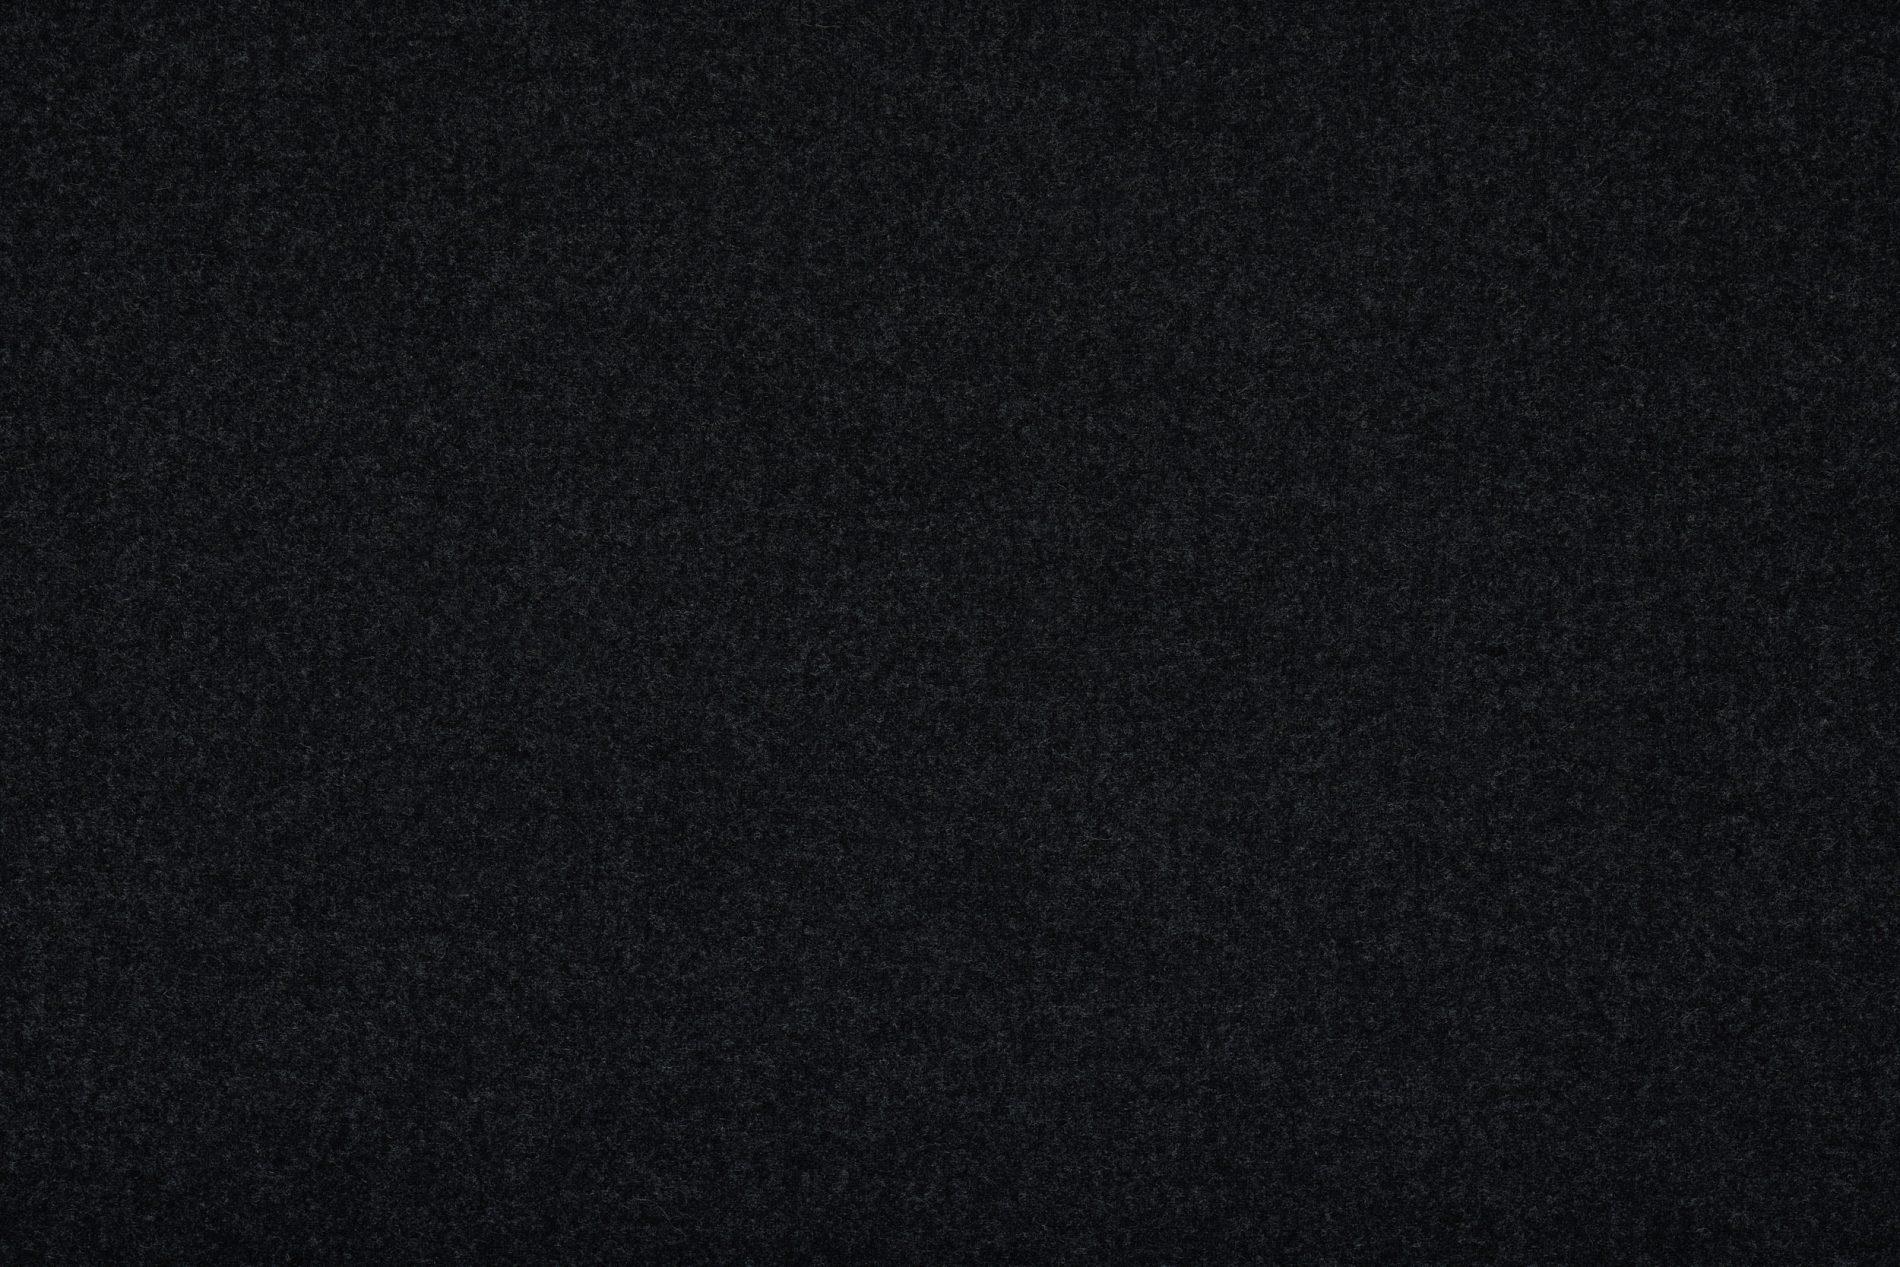 PURE 360 Plain Merino wool (19/8017)